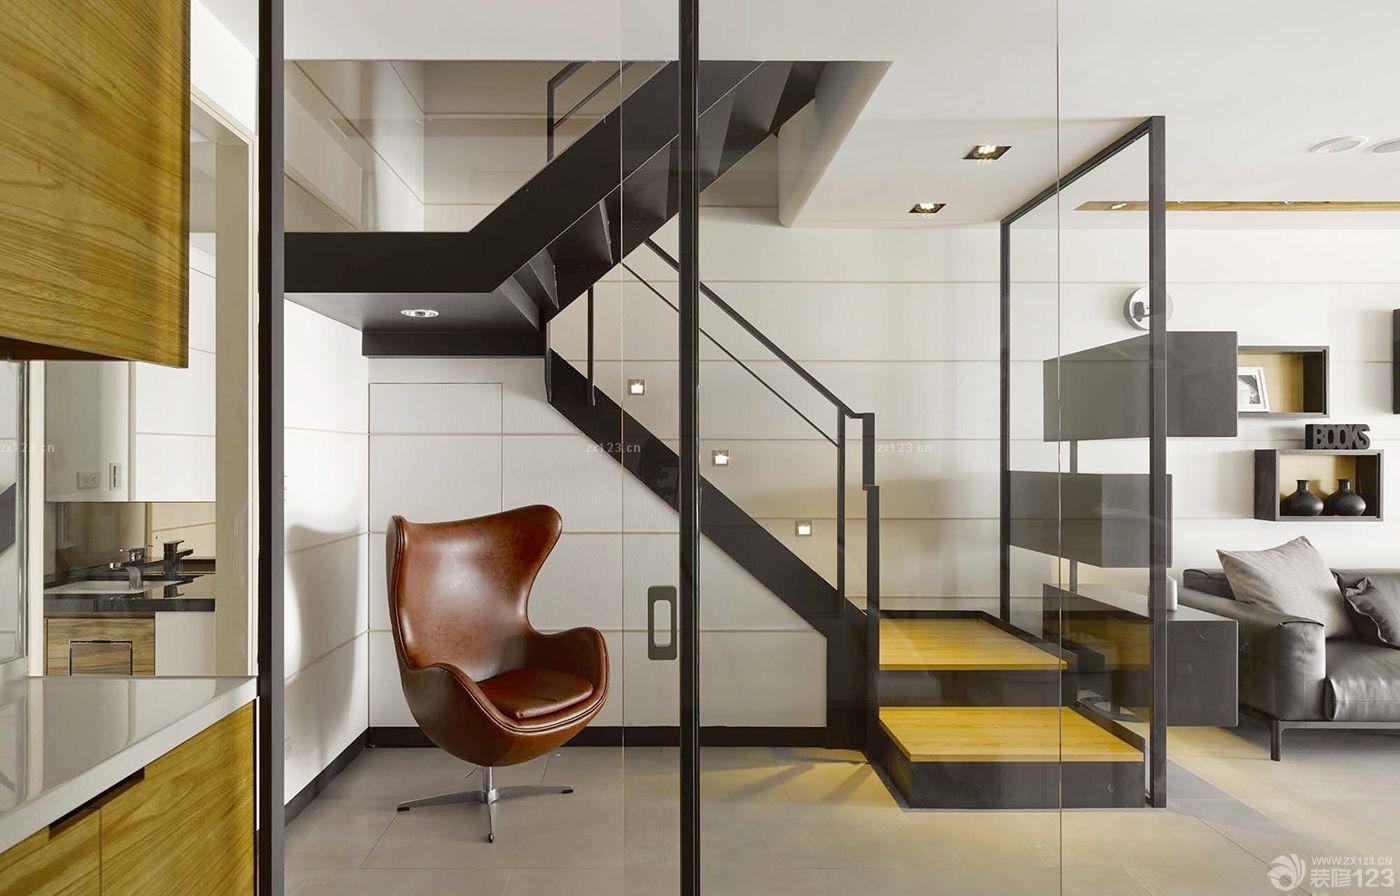 紧凑60平方两室一厅小复式楼装修效果图大全